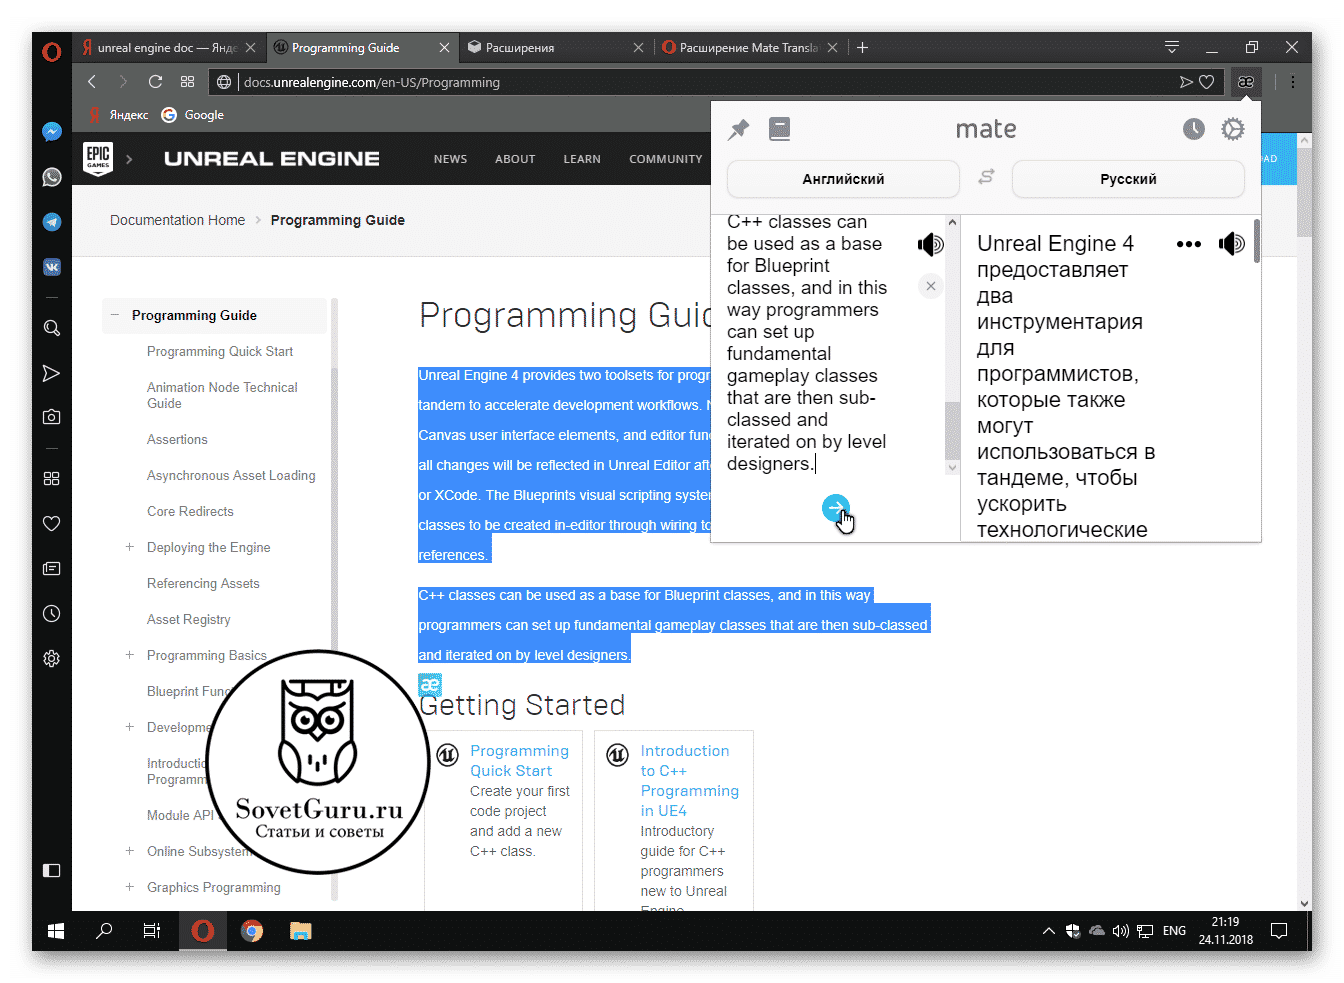 Расширение Mate Translate | Как в Опере переводить страницы на русский